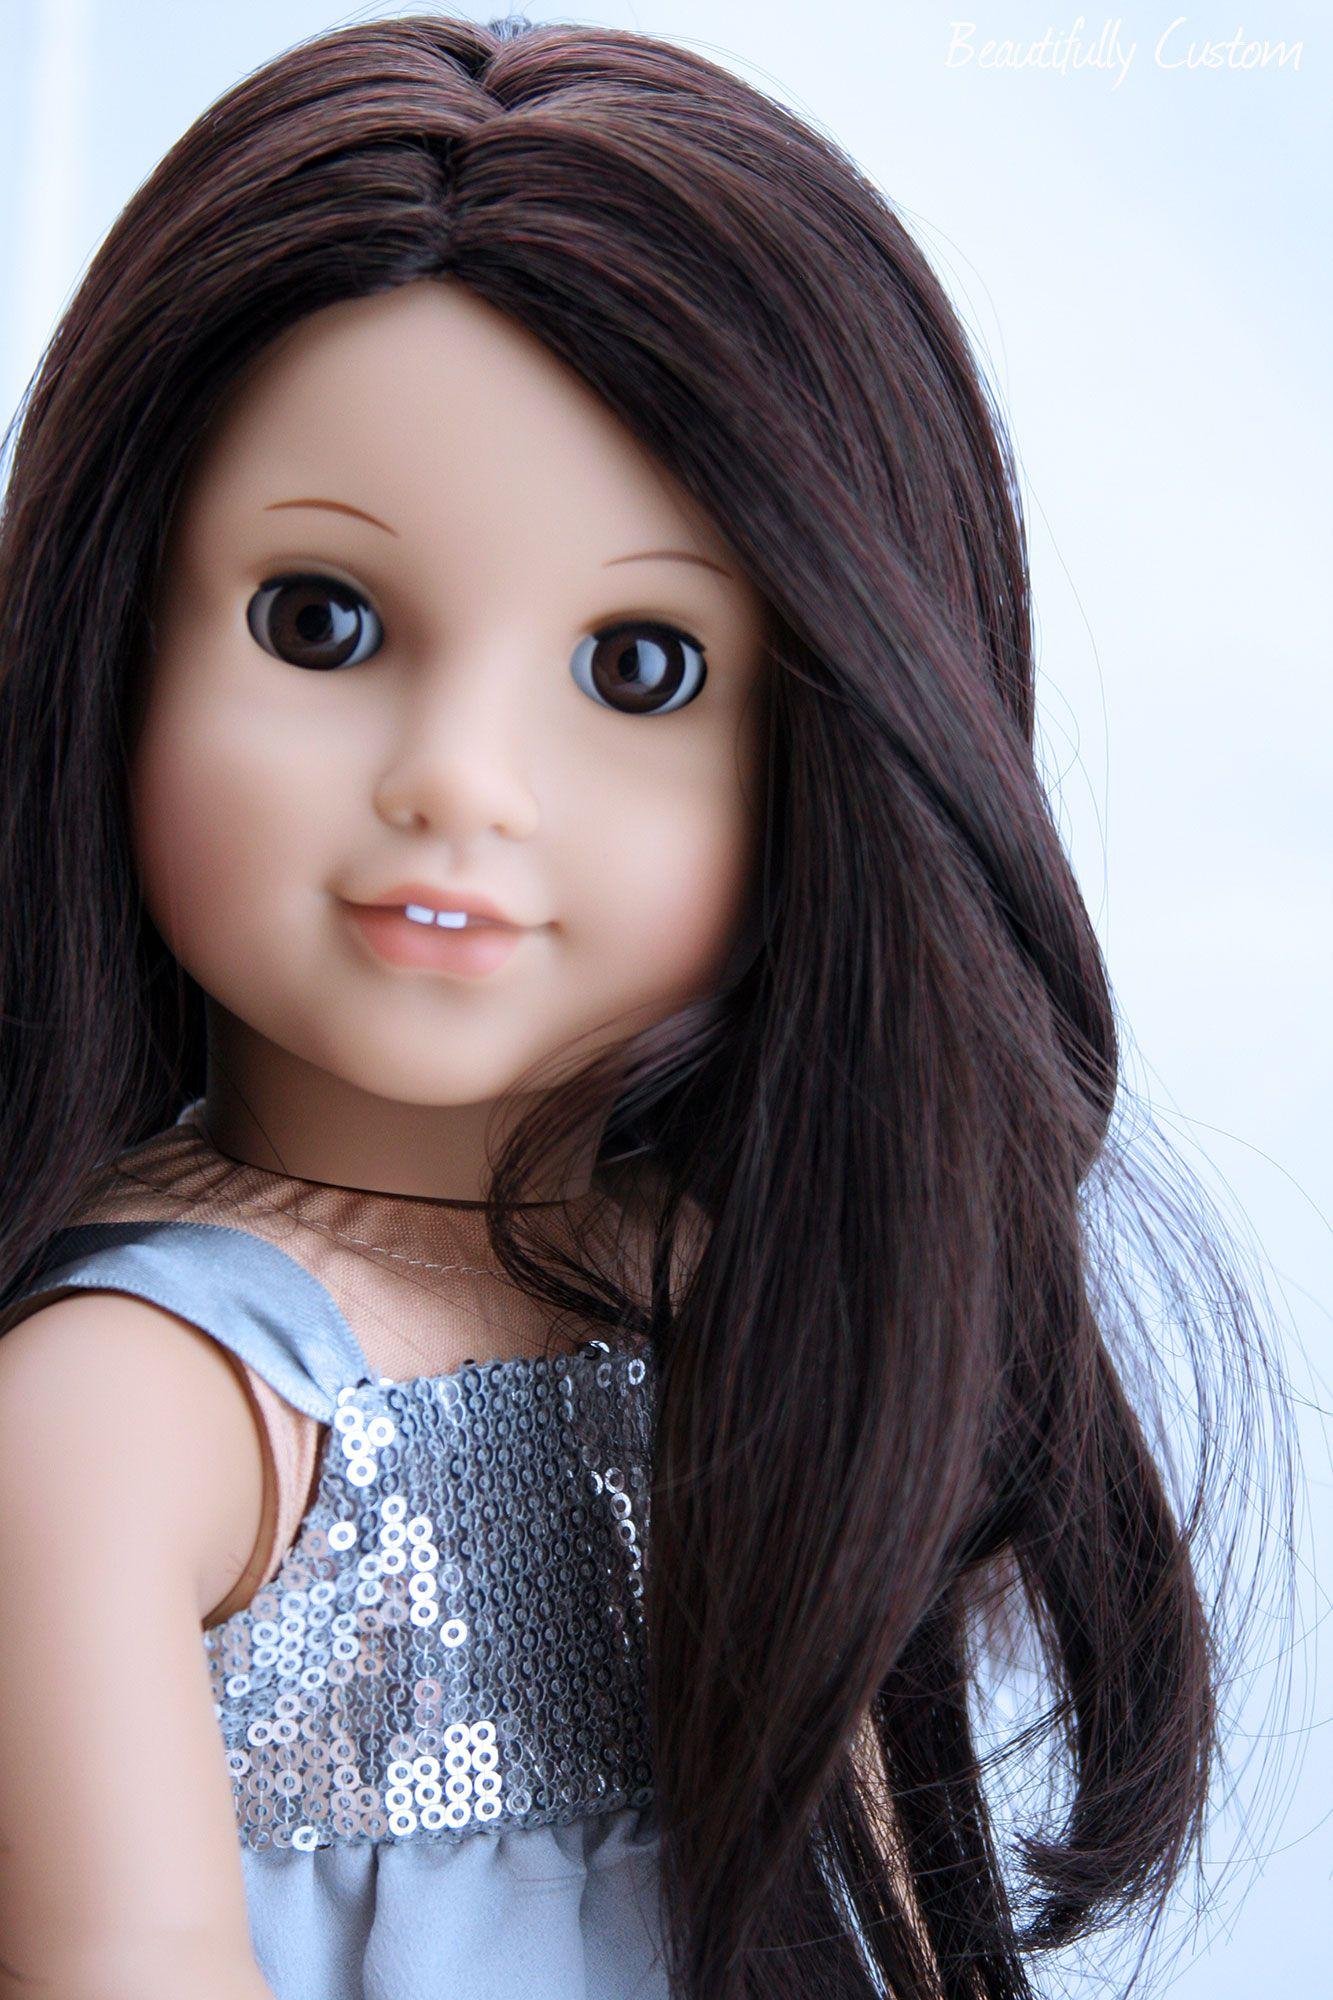 Custom Julie Custom Julie with deep brown eyes Jess black hair with